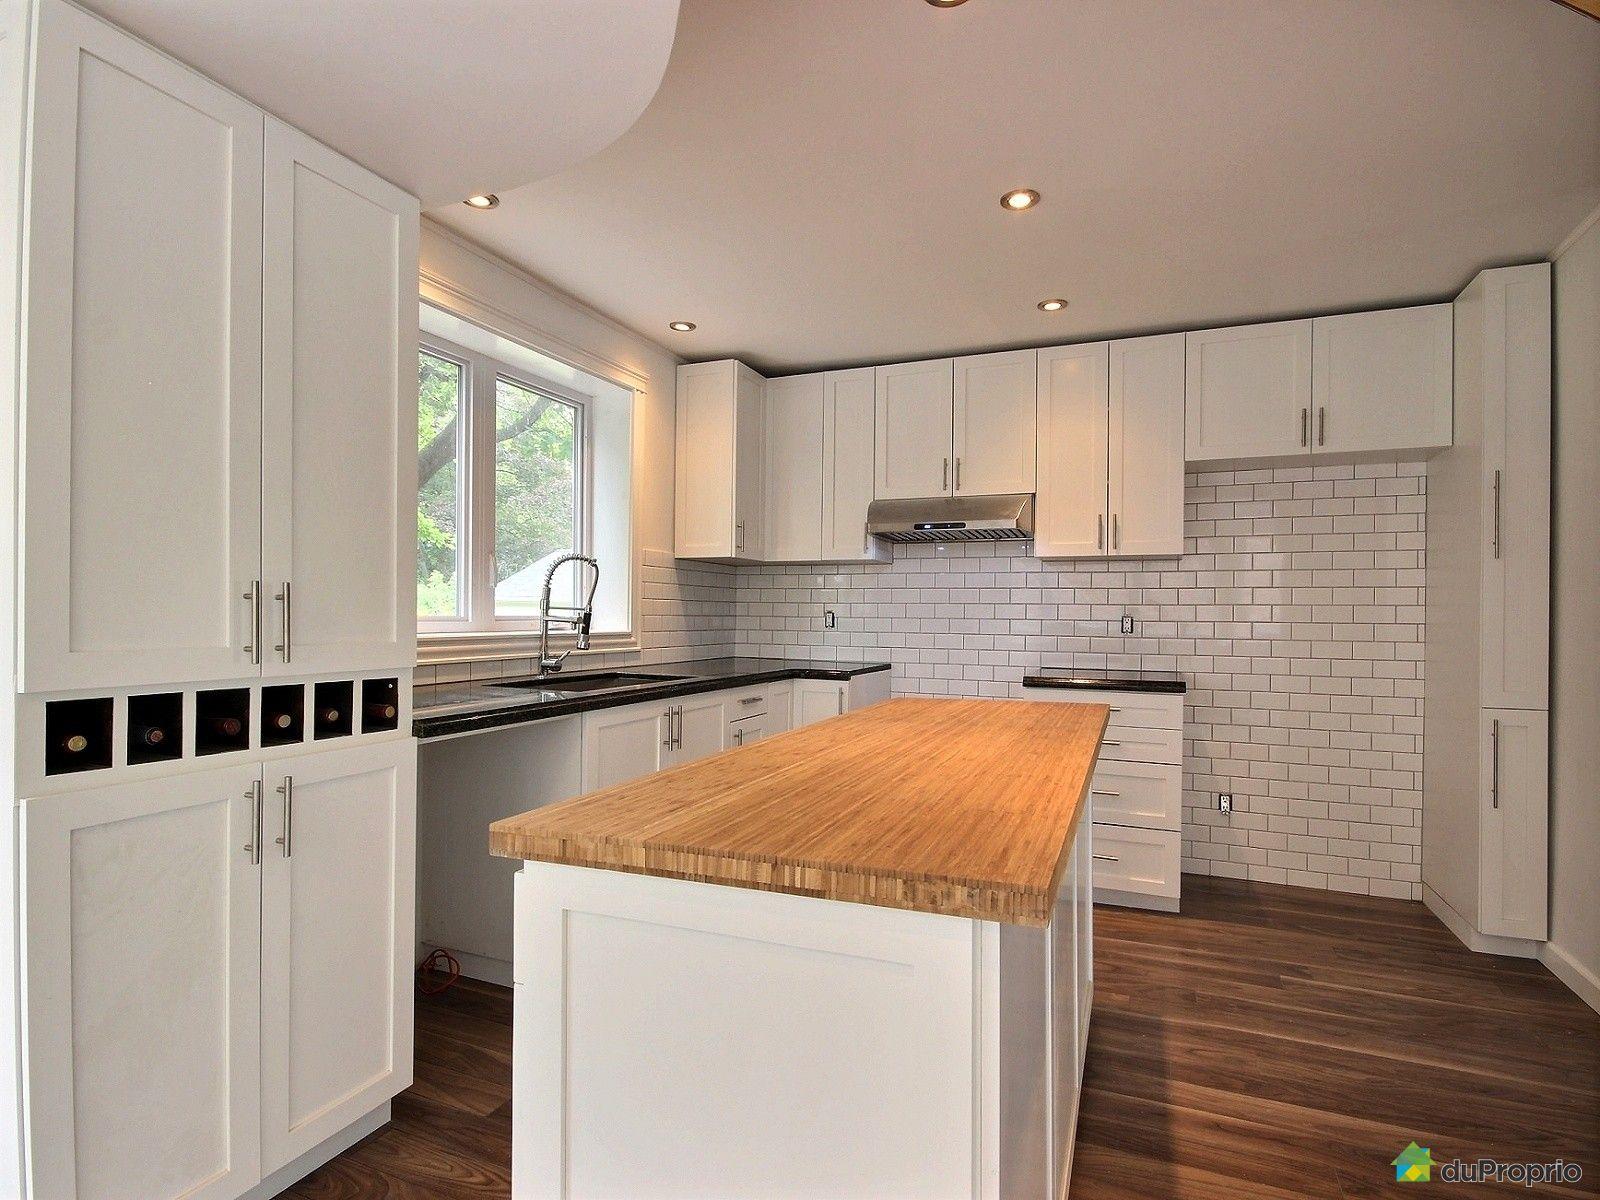 Maison vendre montr al 71 avenue circle immobilier for Ares cuisine pointe claire